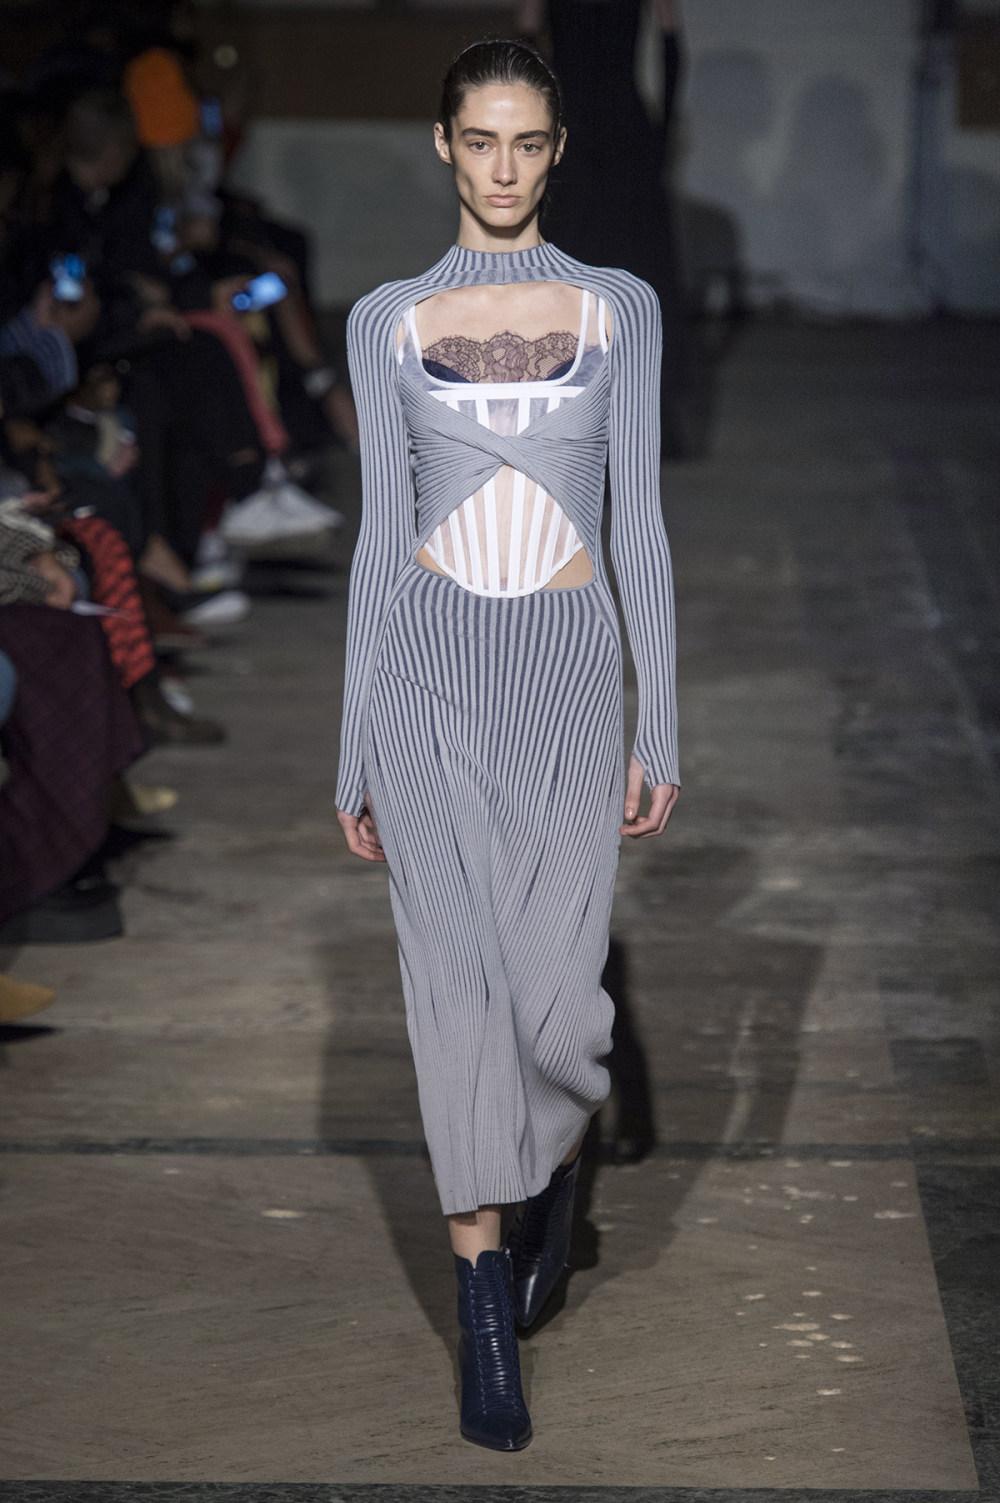 Dion Lee没有紧身衣的连衣裙被聚集或扭曲保持调色板的简约和奢华-14.jpg